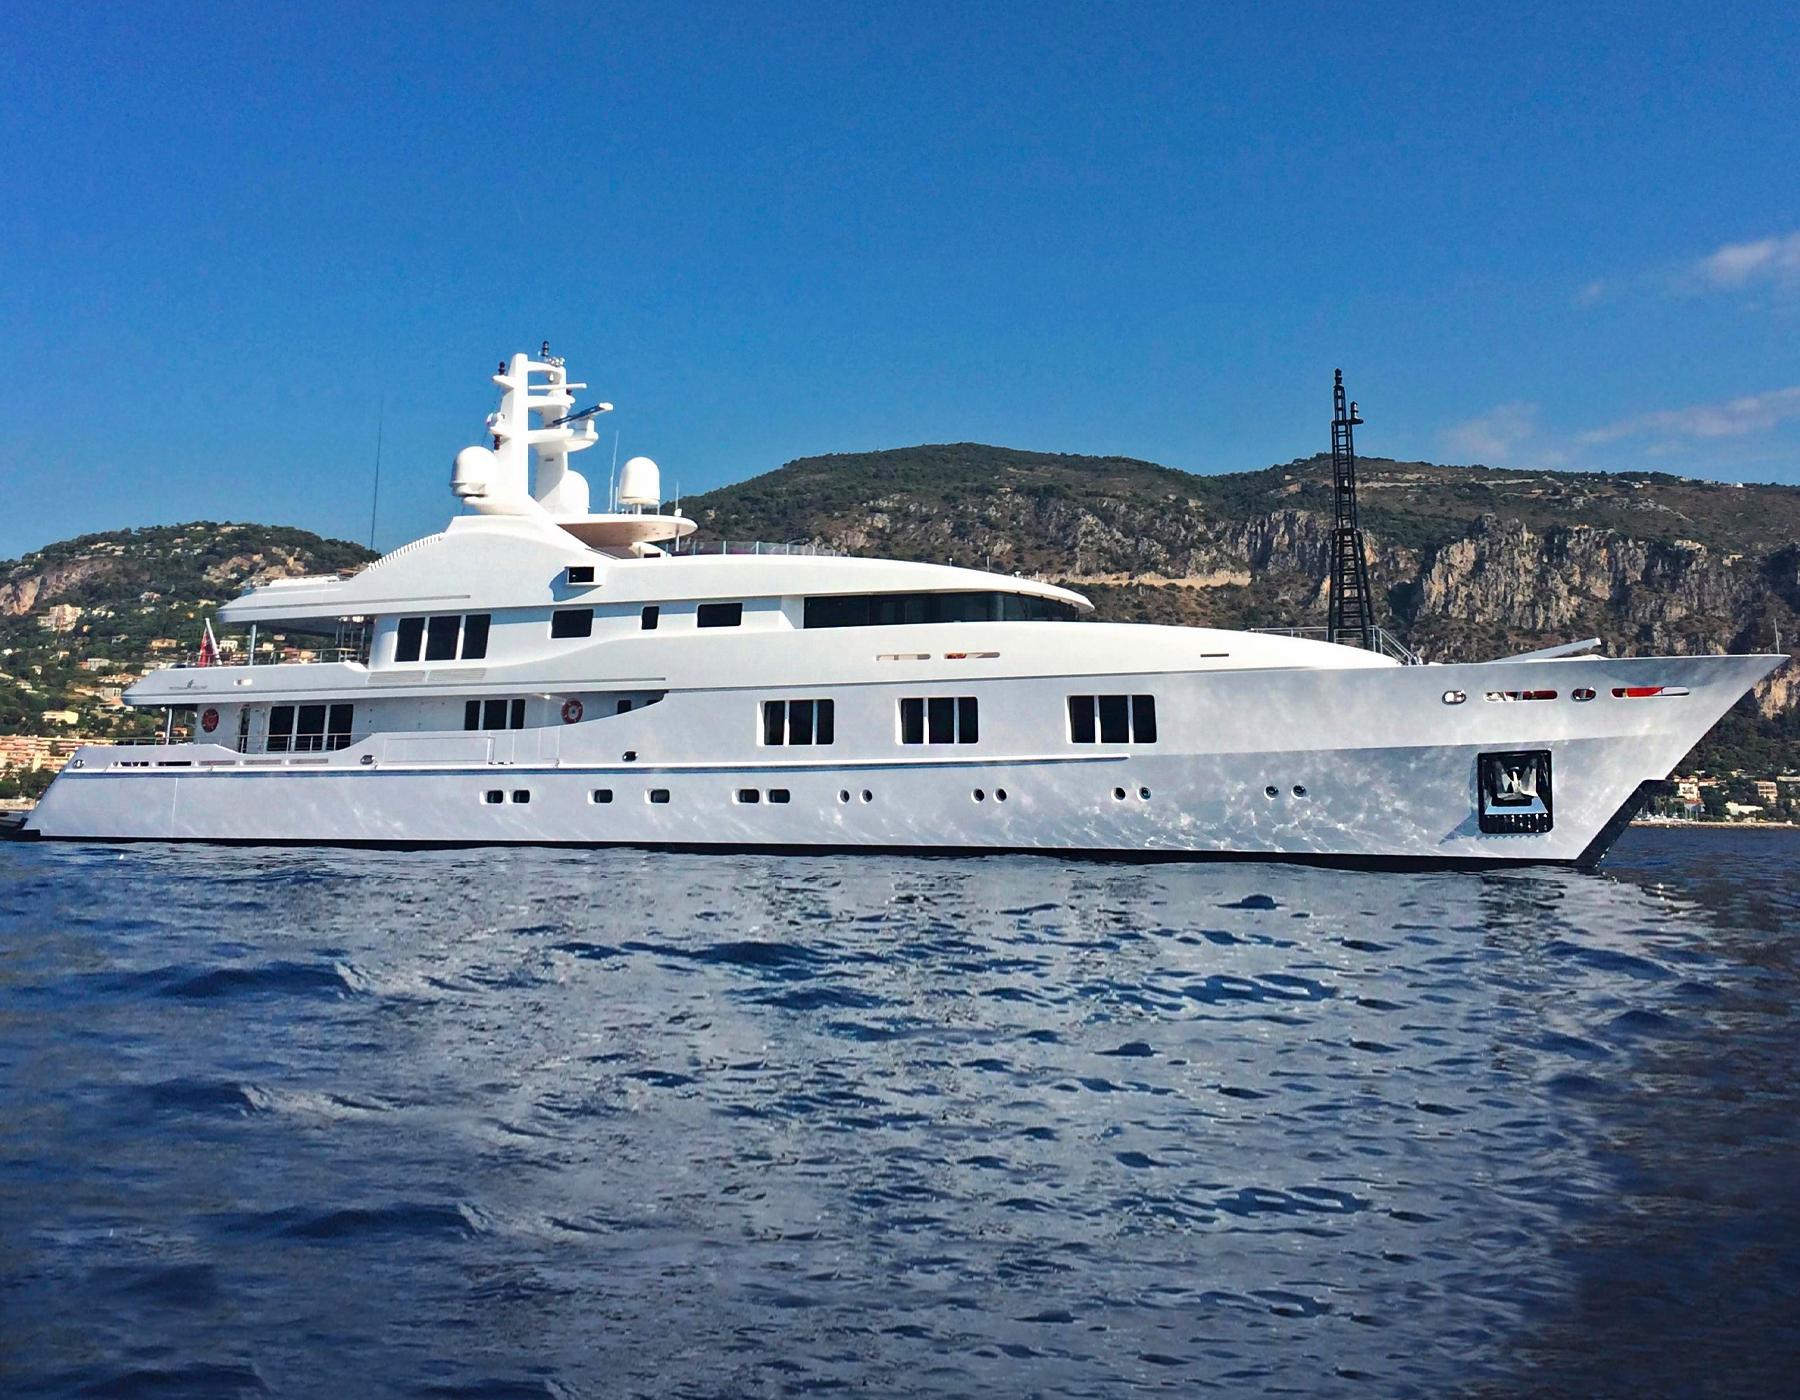 Baraka Superyacht by Turquoise Yachts